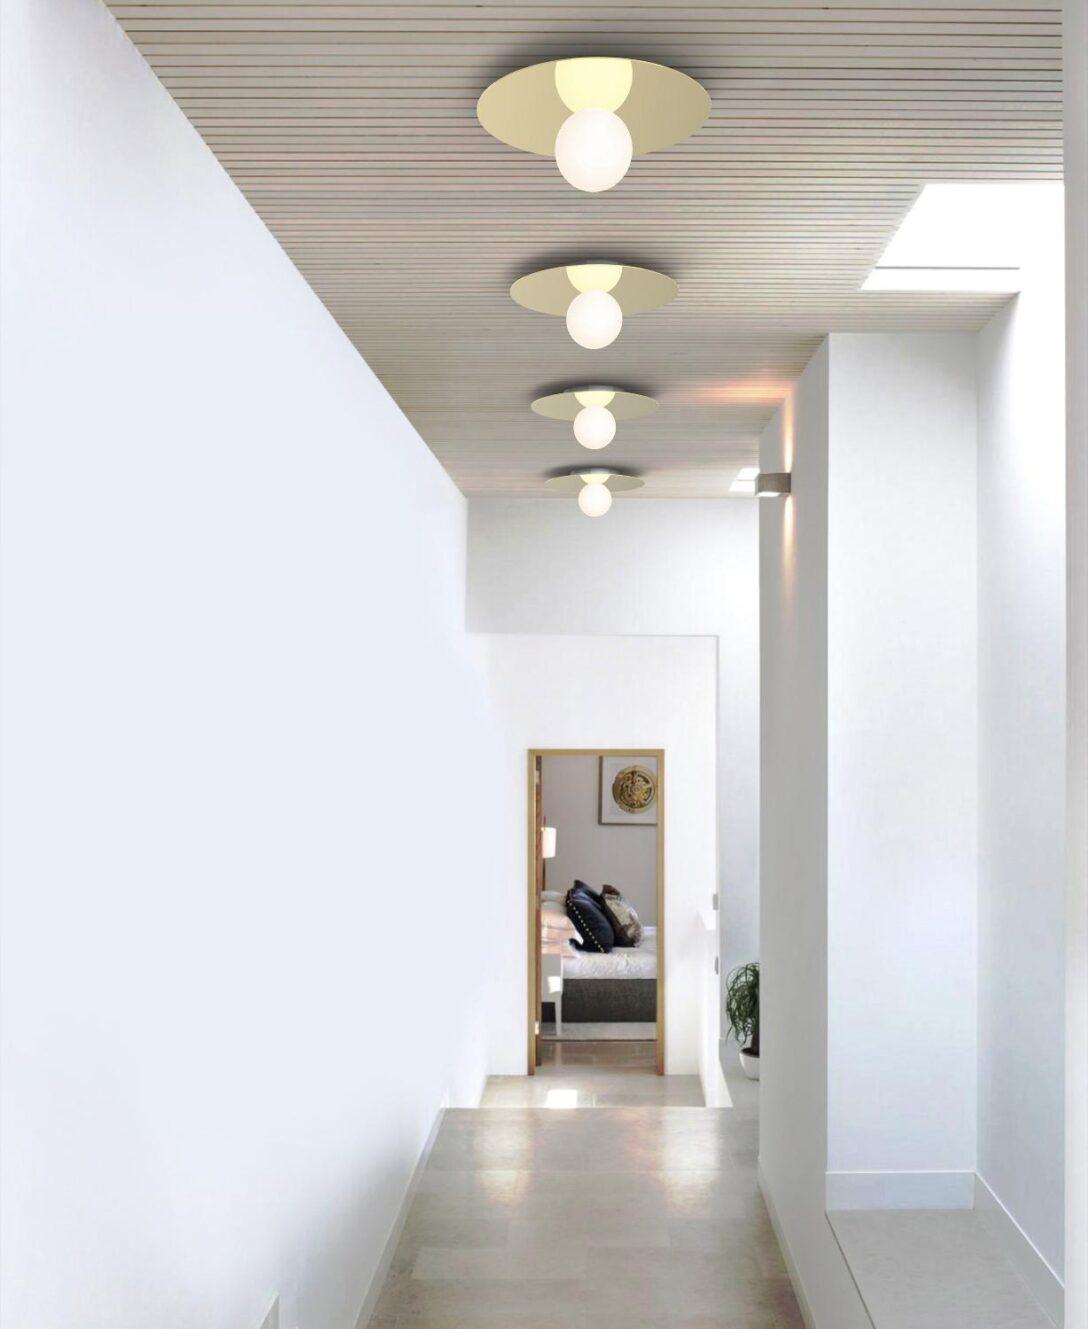 Large Size of Led Deckenleuchte Design Live Deckenleuchten Designklassiker Wohnzimmer Modern Cct Ir Fb Stahl 110x25cm Deckenlampe Schlafzimmer Schiene Schwenkbar Dimmbar Wohnzimmer Deckenleuchte Design